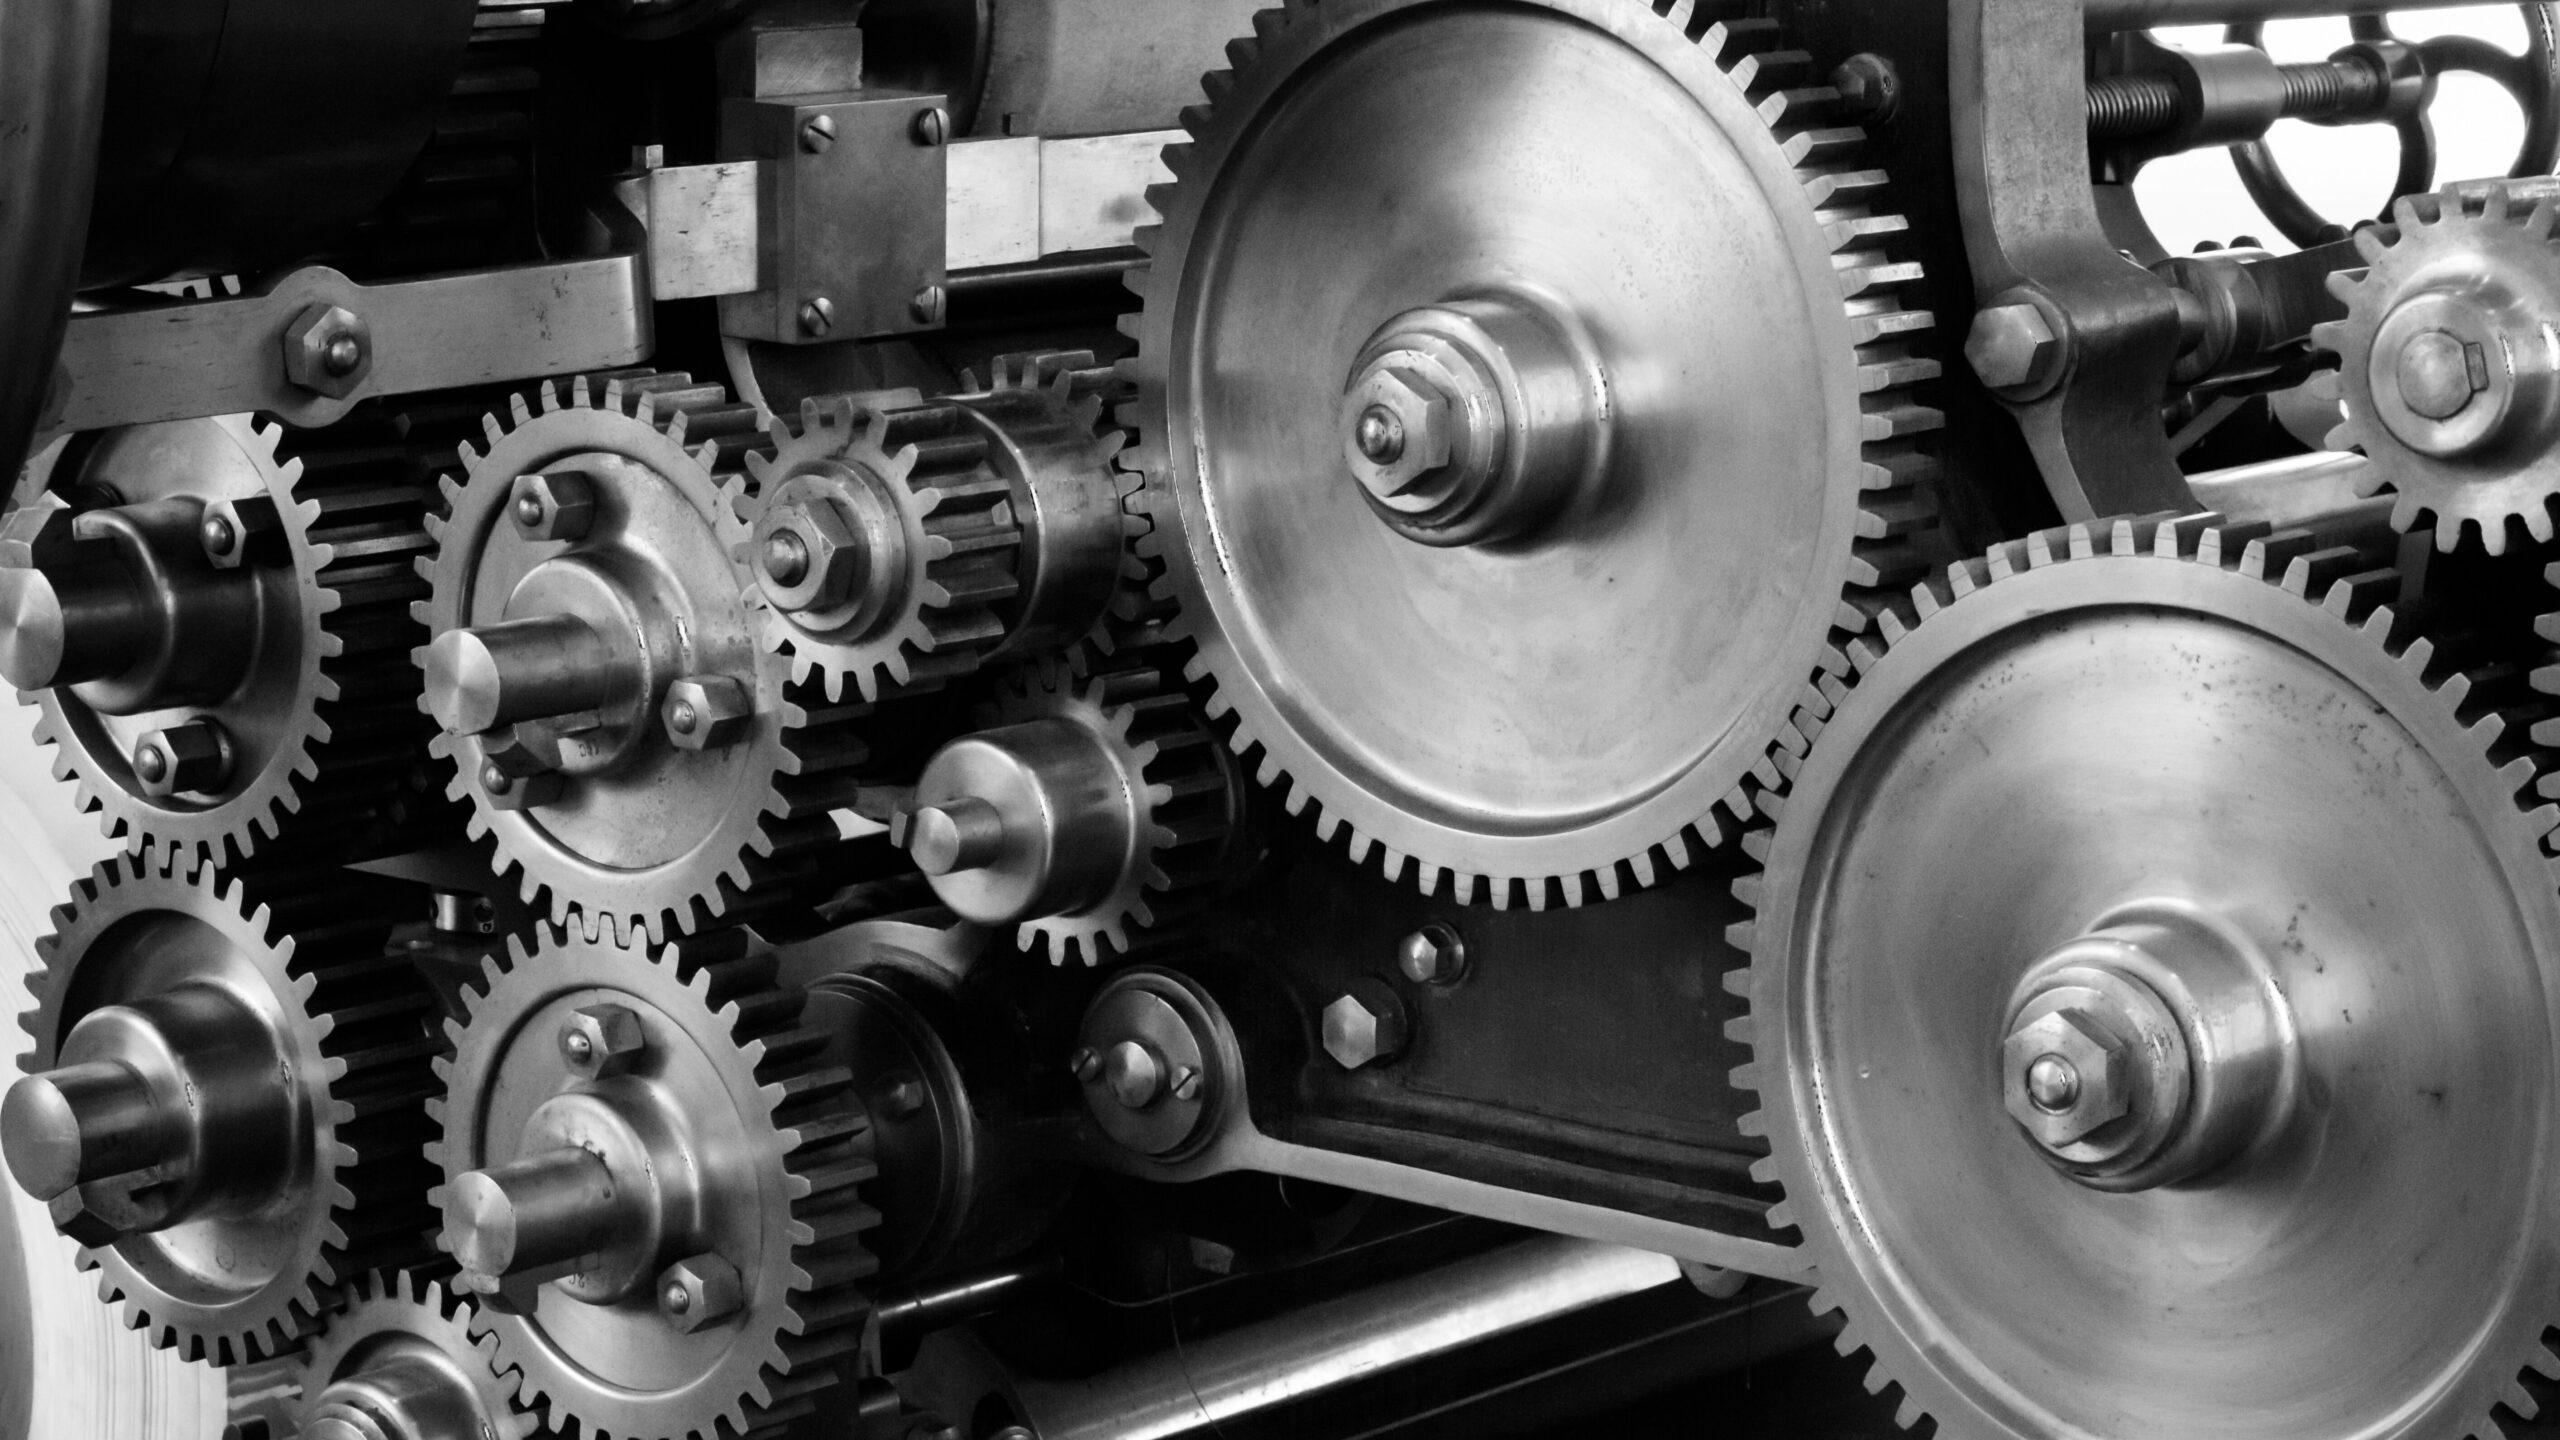 Messung von verschiedenen Gasverbindungen in der Produktionsindustrie.